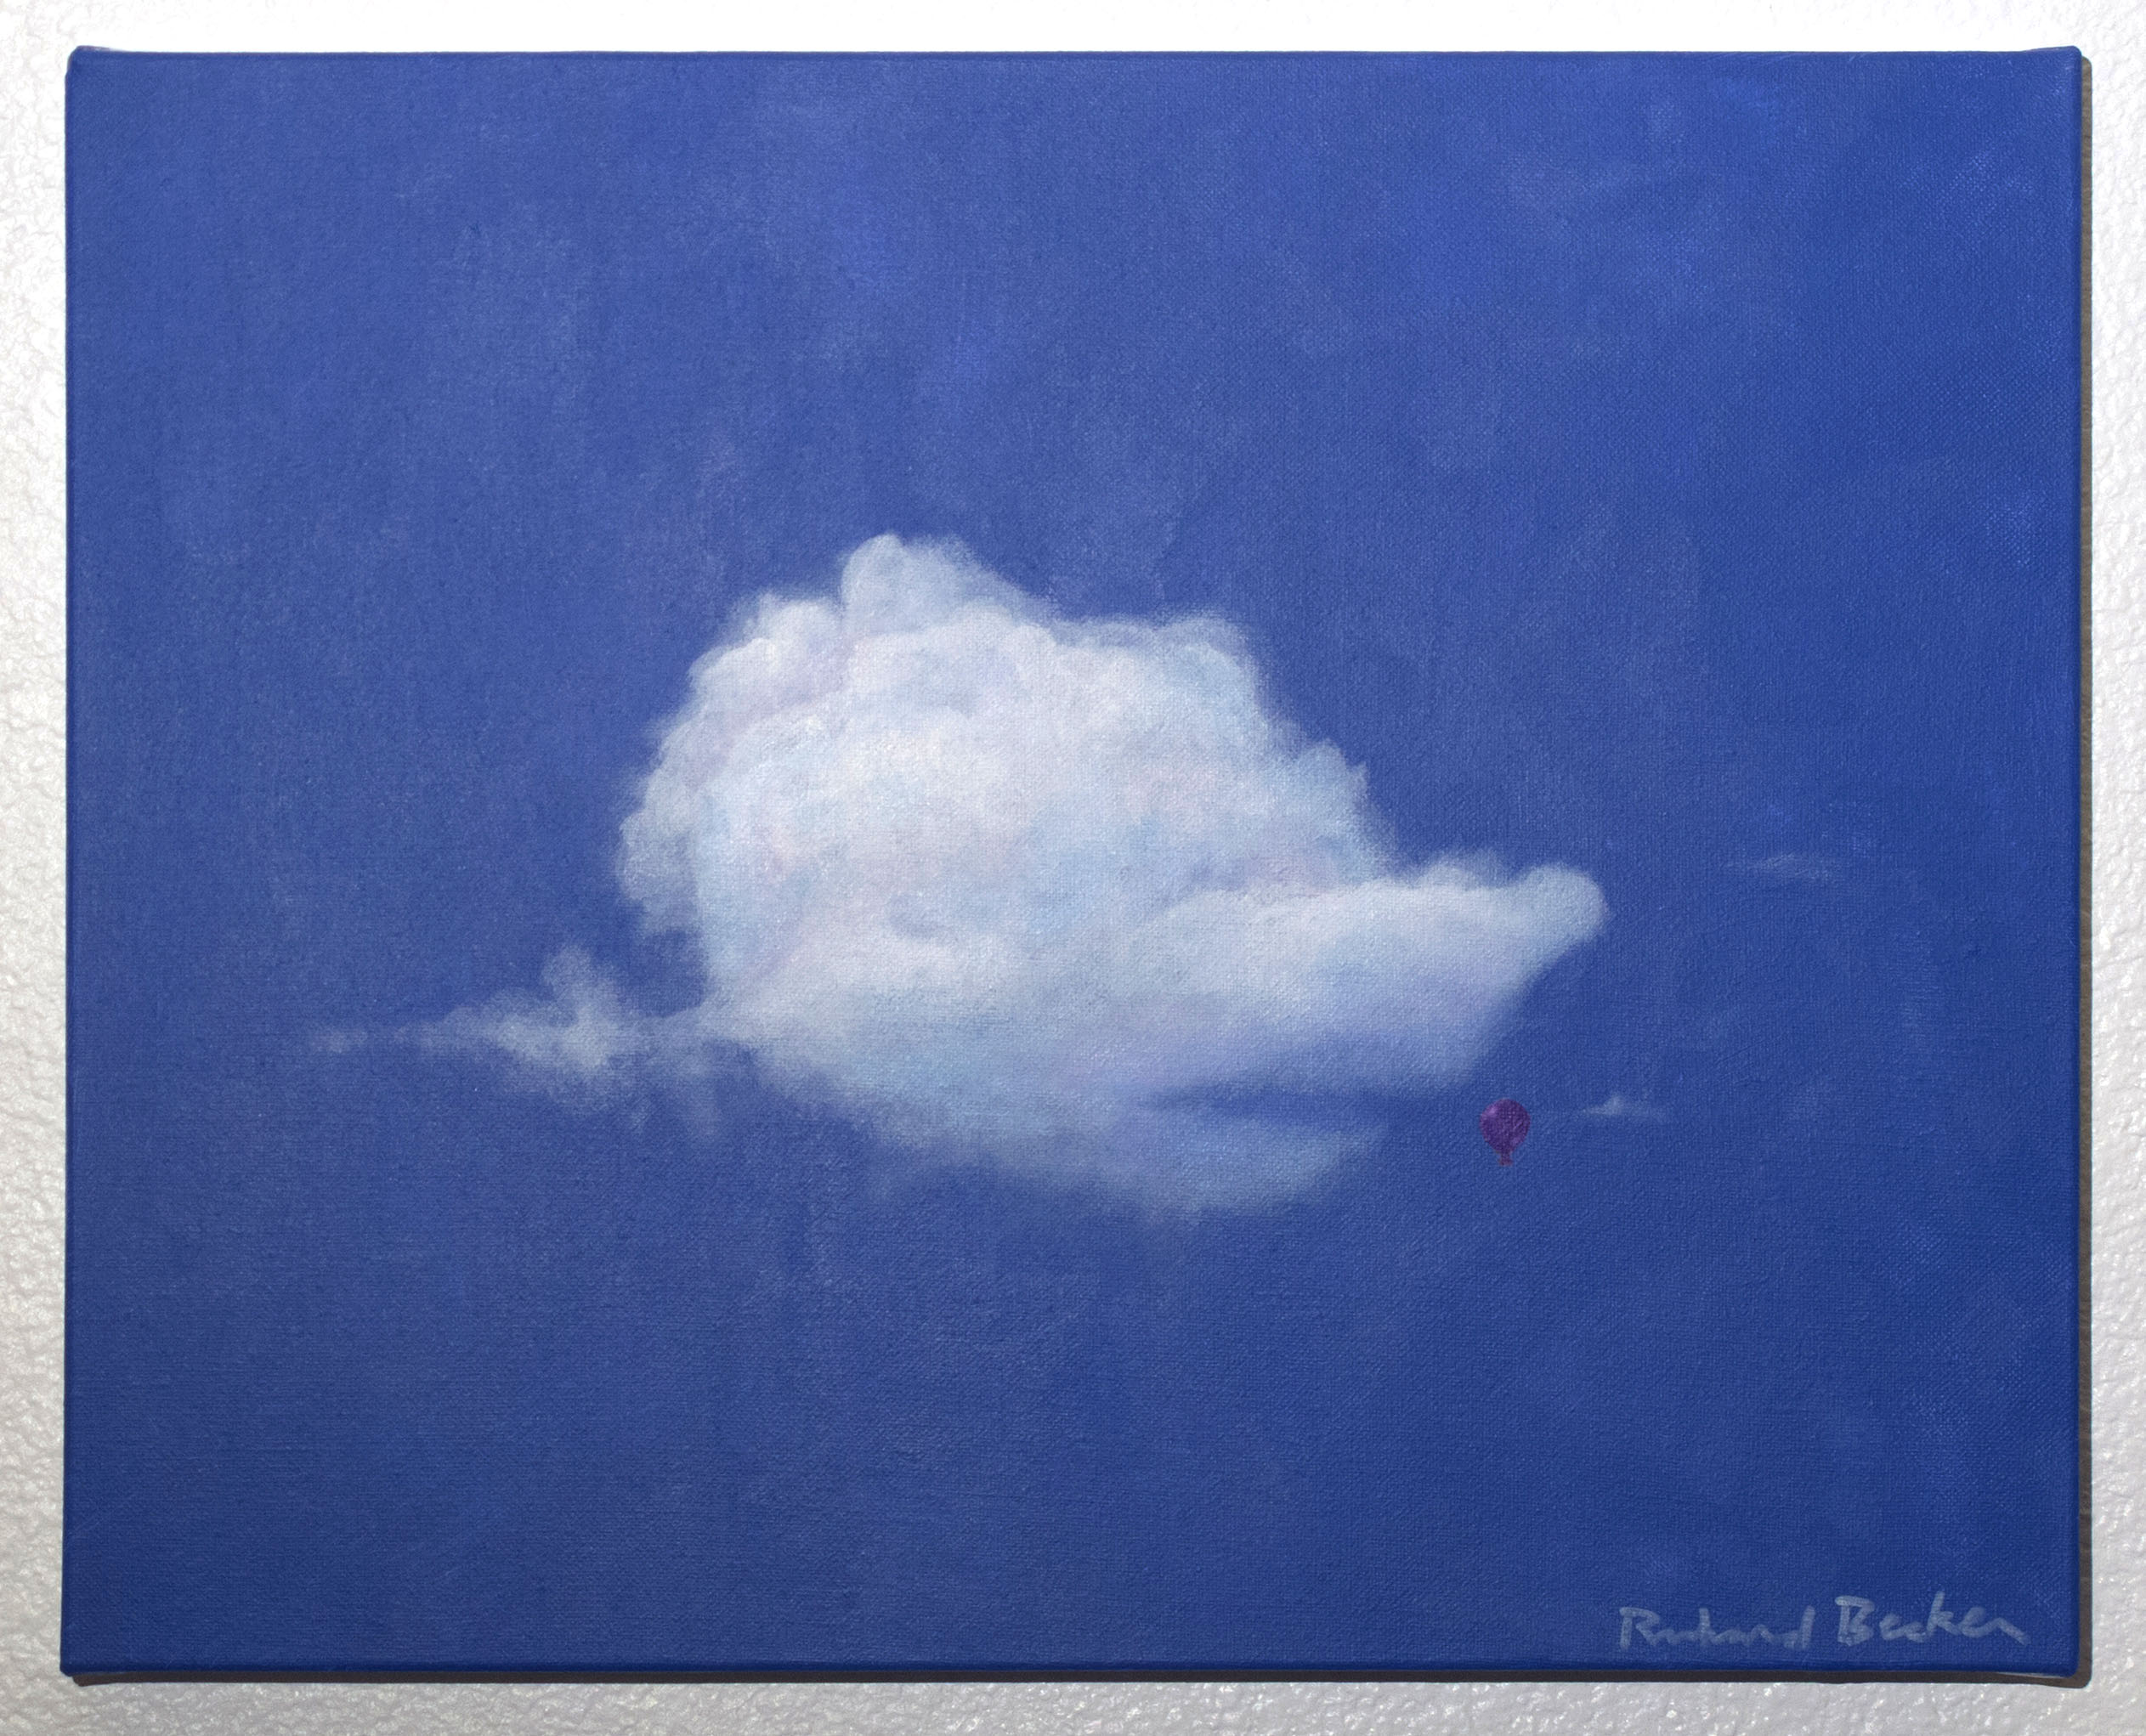 https://sparksgallery.com/wp-content/uploads/2018/07/Richard-Becker-Balloon-Cloud-II.jpg